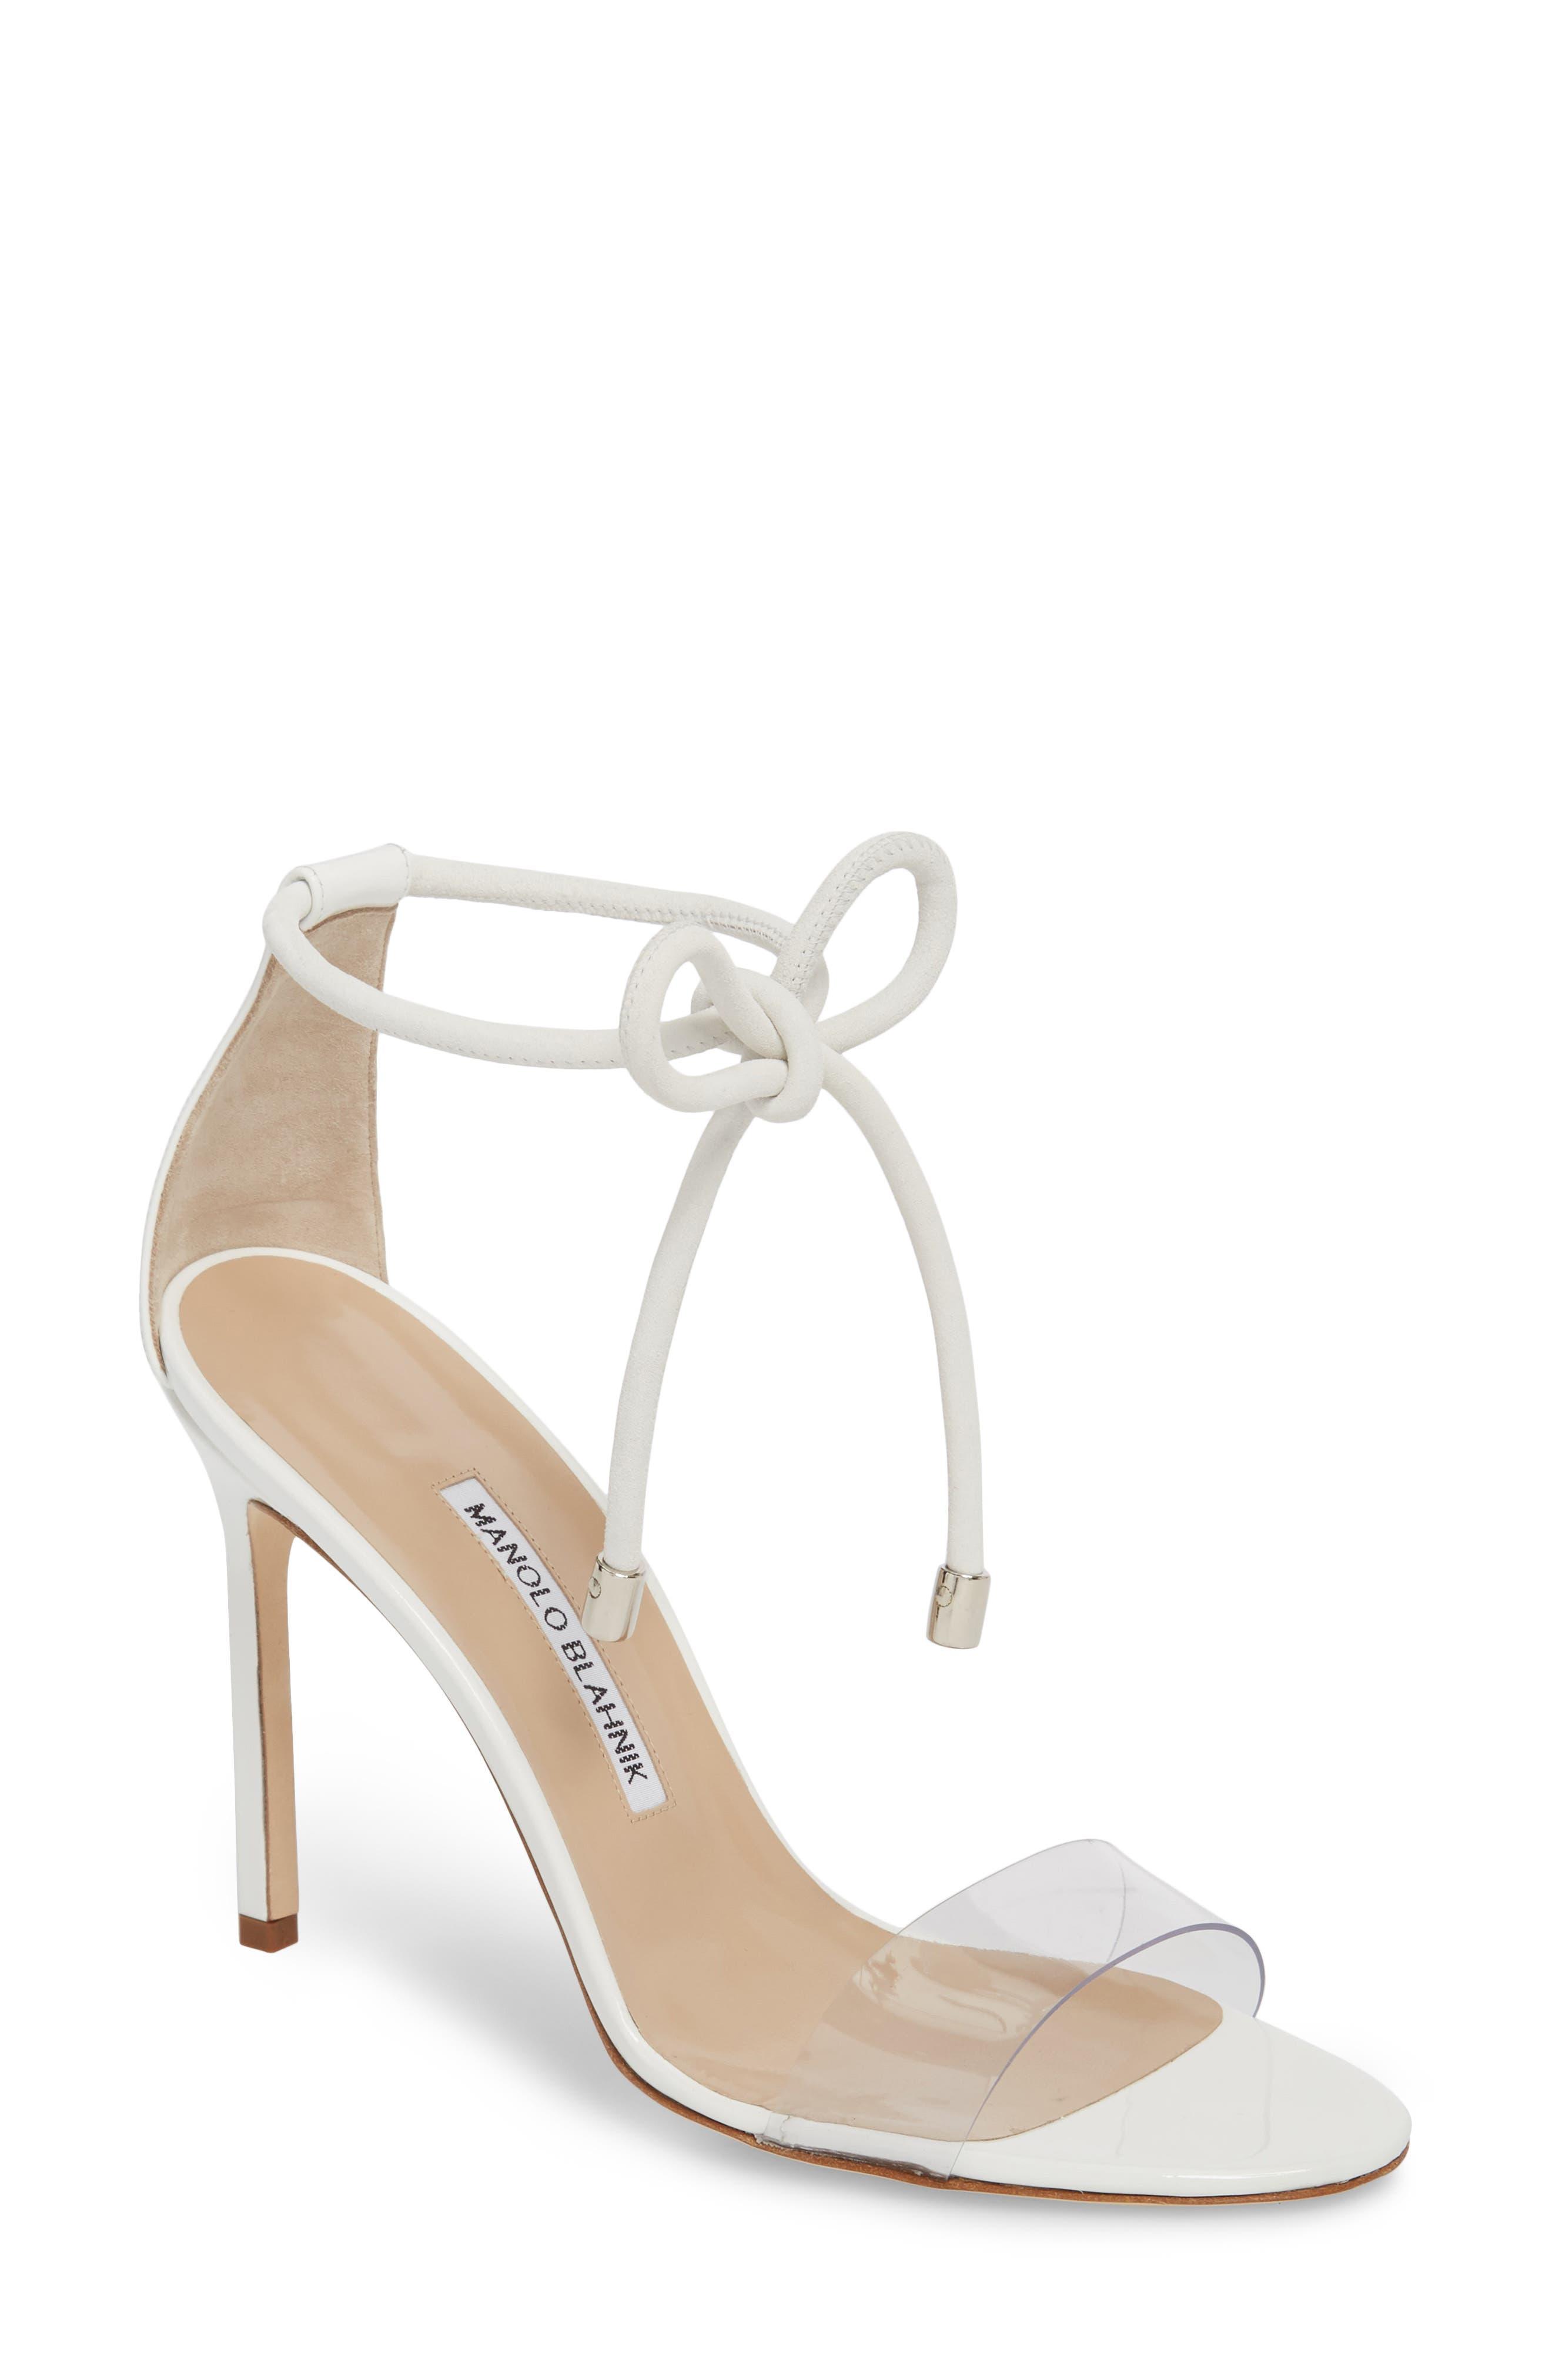 Estro Ankle Tie Sandal,                         Main,                         color, White Patent